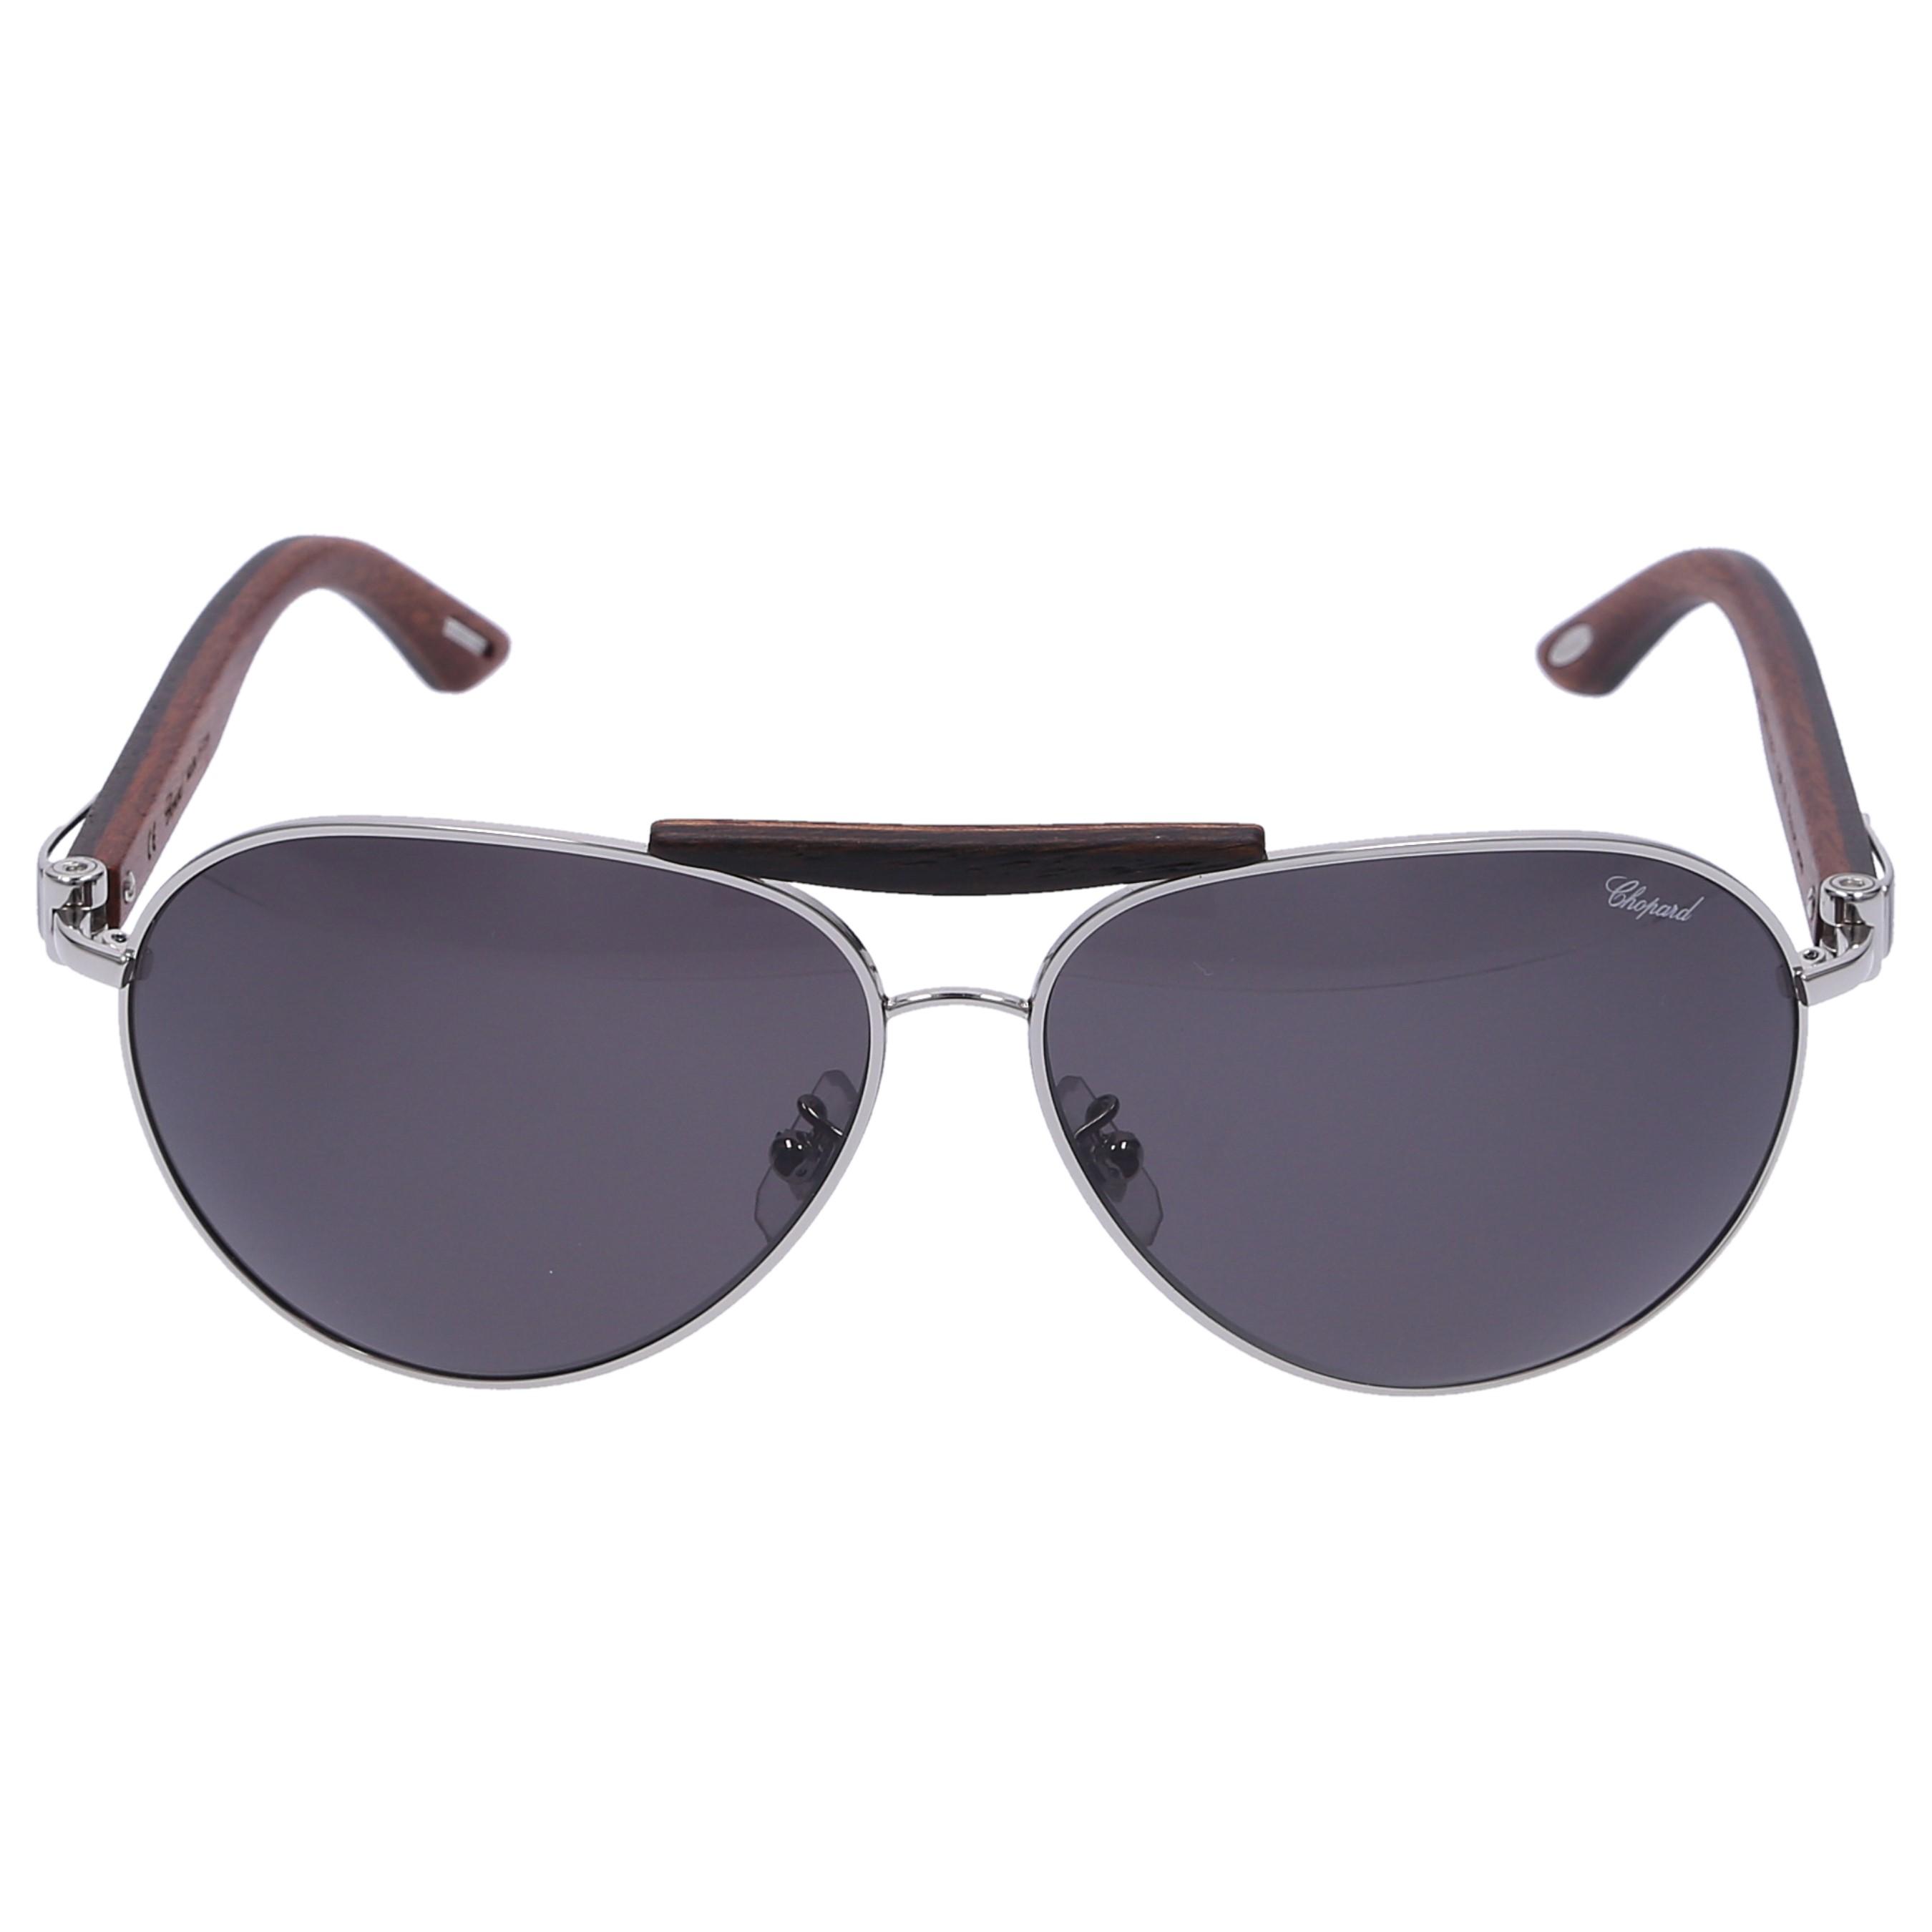 Chopard Sonnenbrille Aviator A55V 579P Holz braun